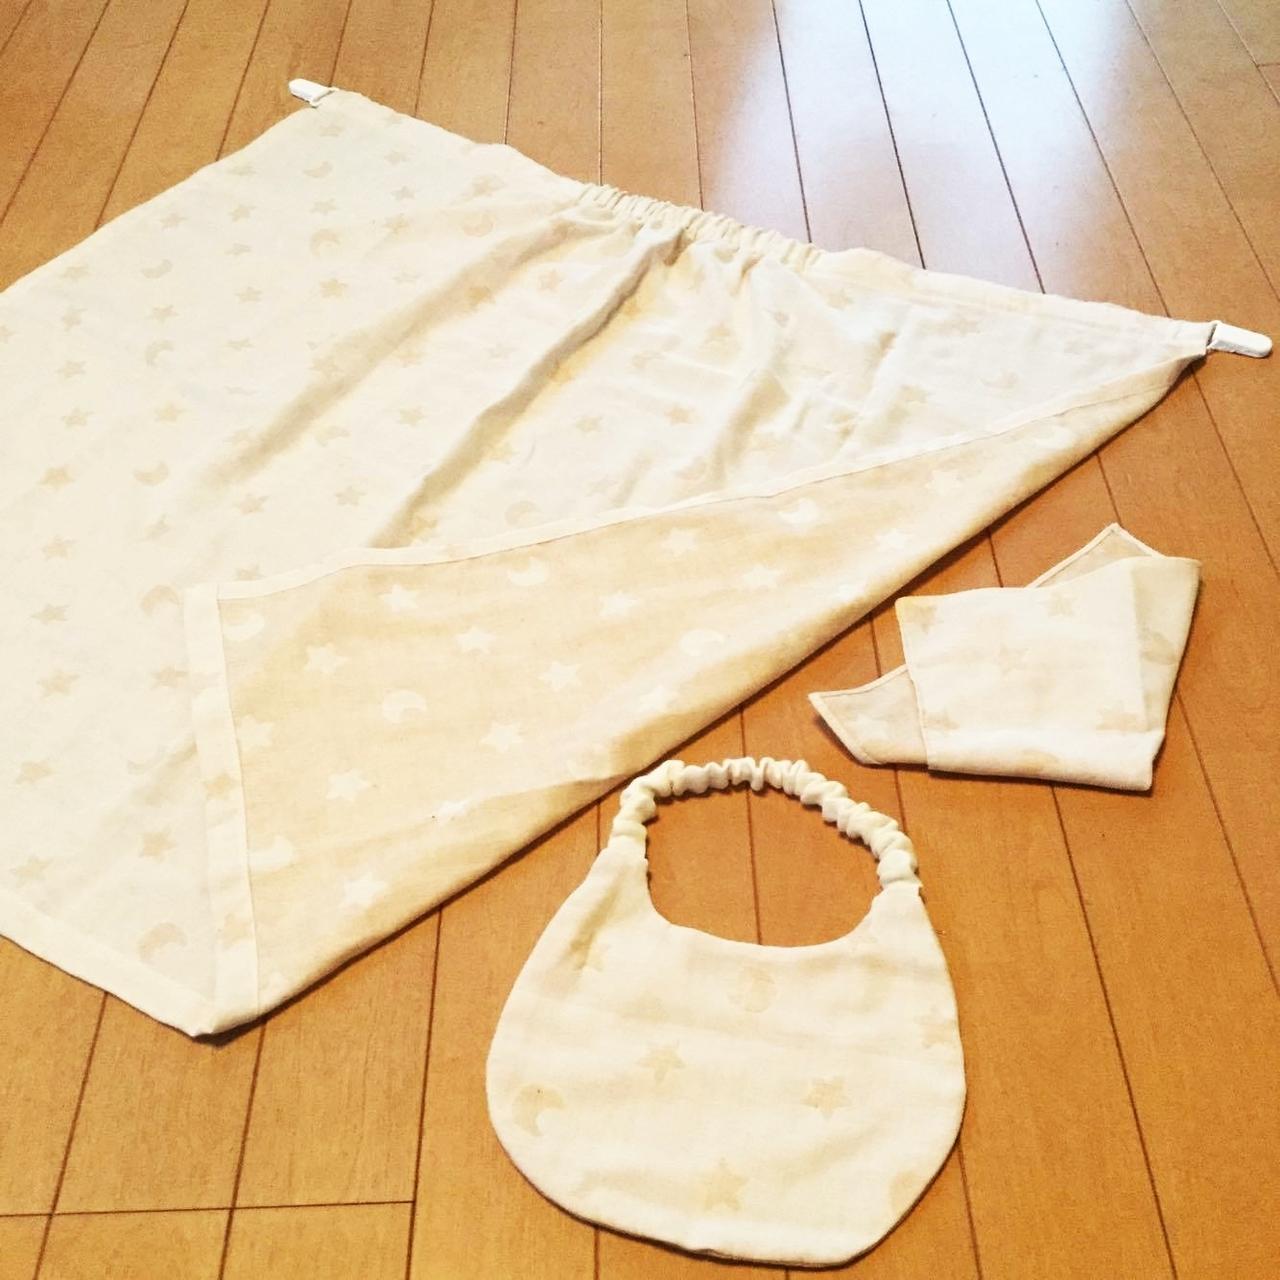 MAMAstyleプレママ&ビギママサロン~ダブルガーゼでマルチケット(授乳ケープ)とベビースタイを作ろう~